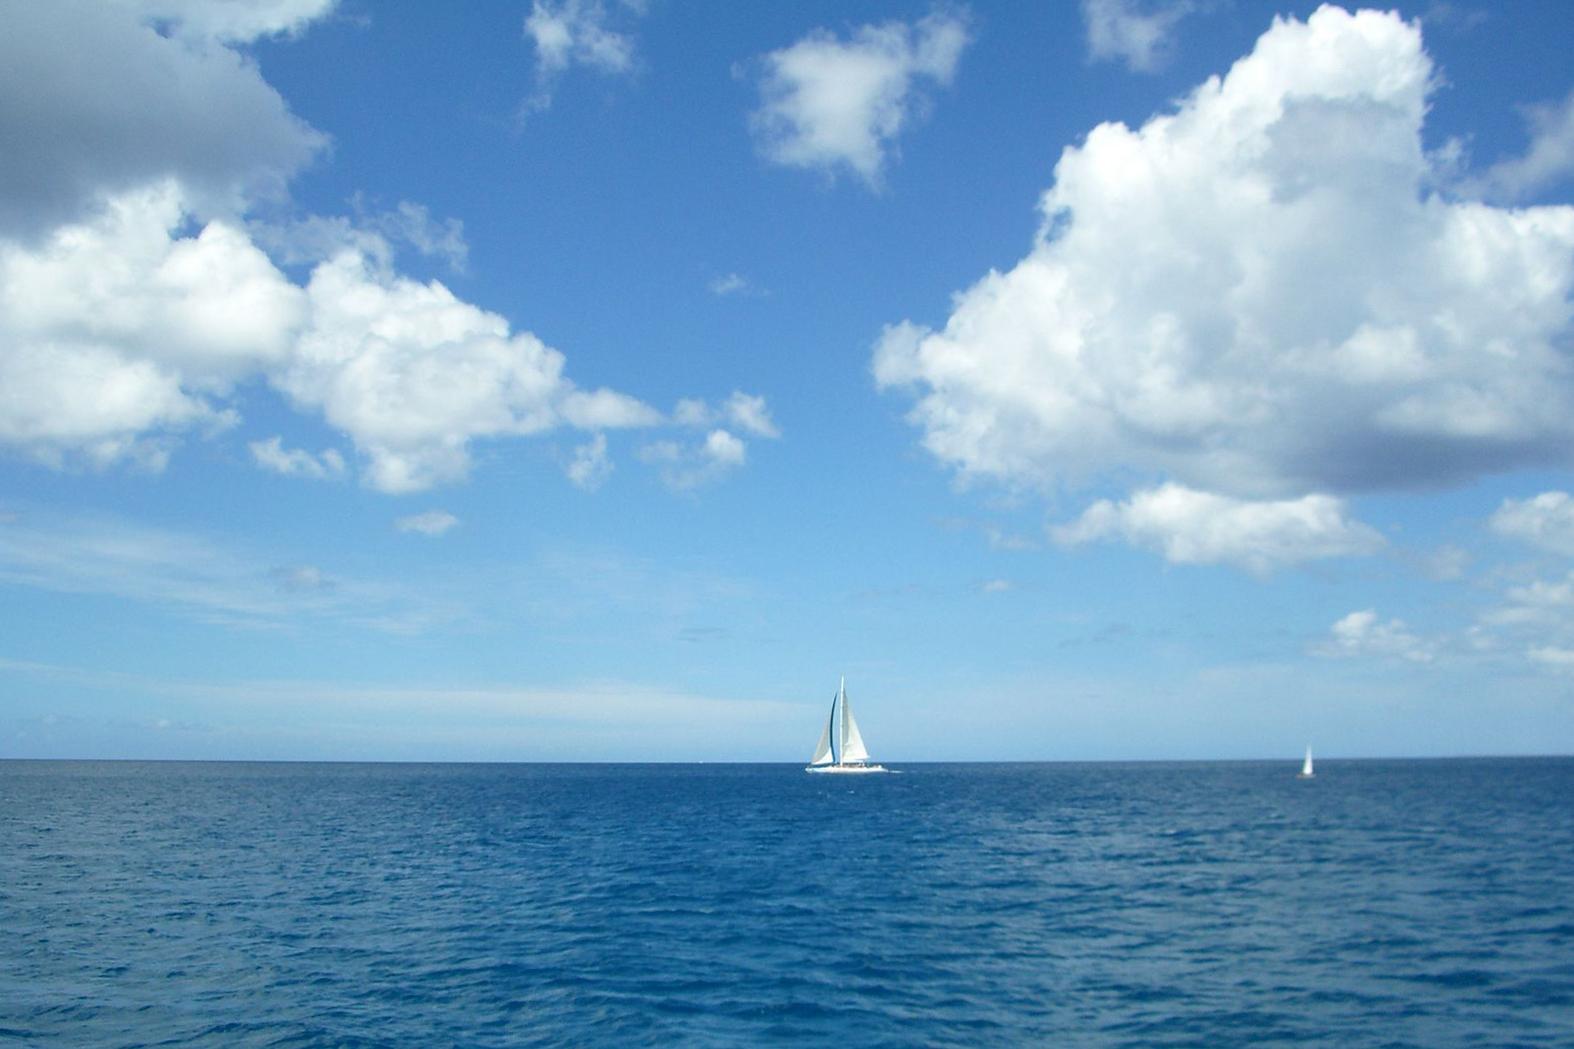 Il y avait nous, quelques nuages et la mer ... à l'infini